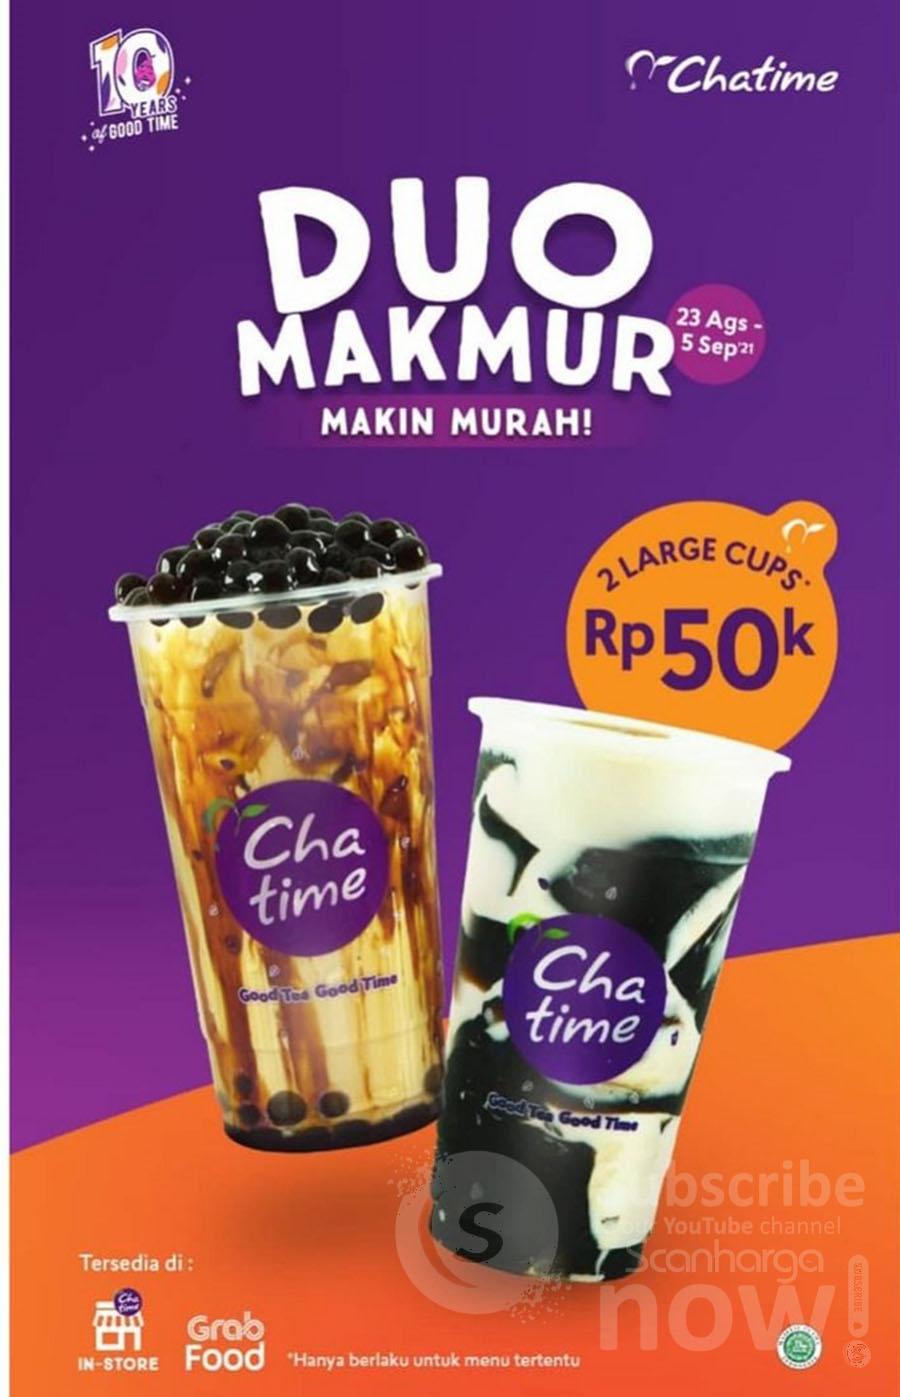 CHATIME DUO MAKMUR Promo 2 Large Cup cuma 50K